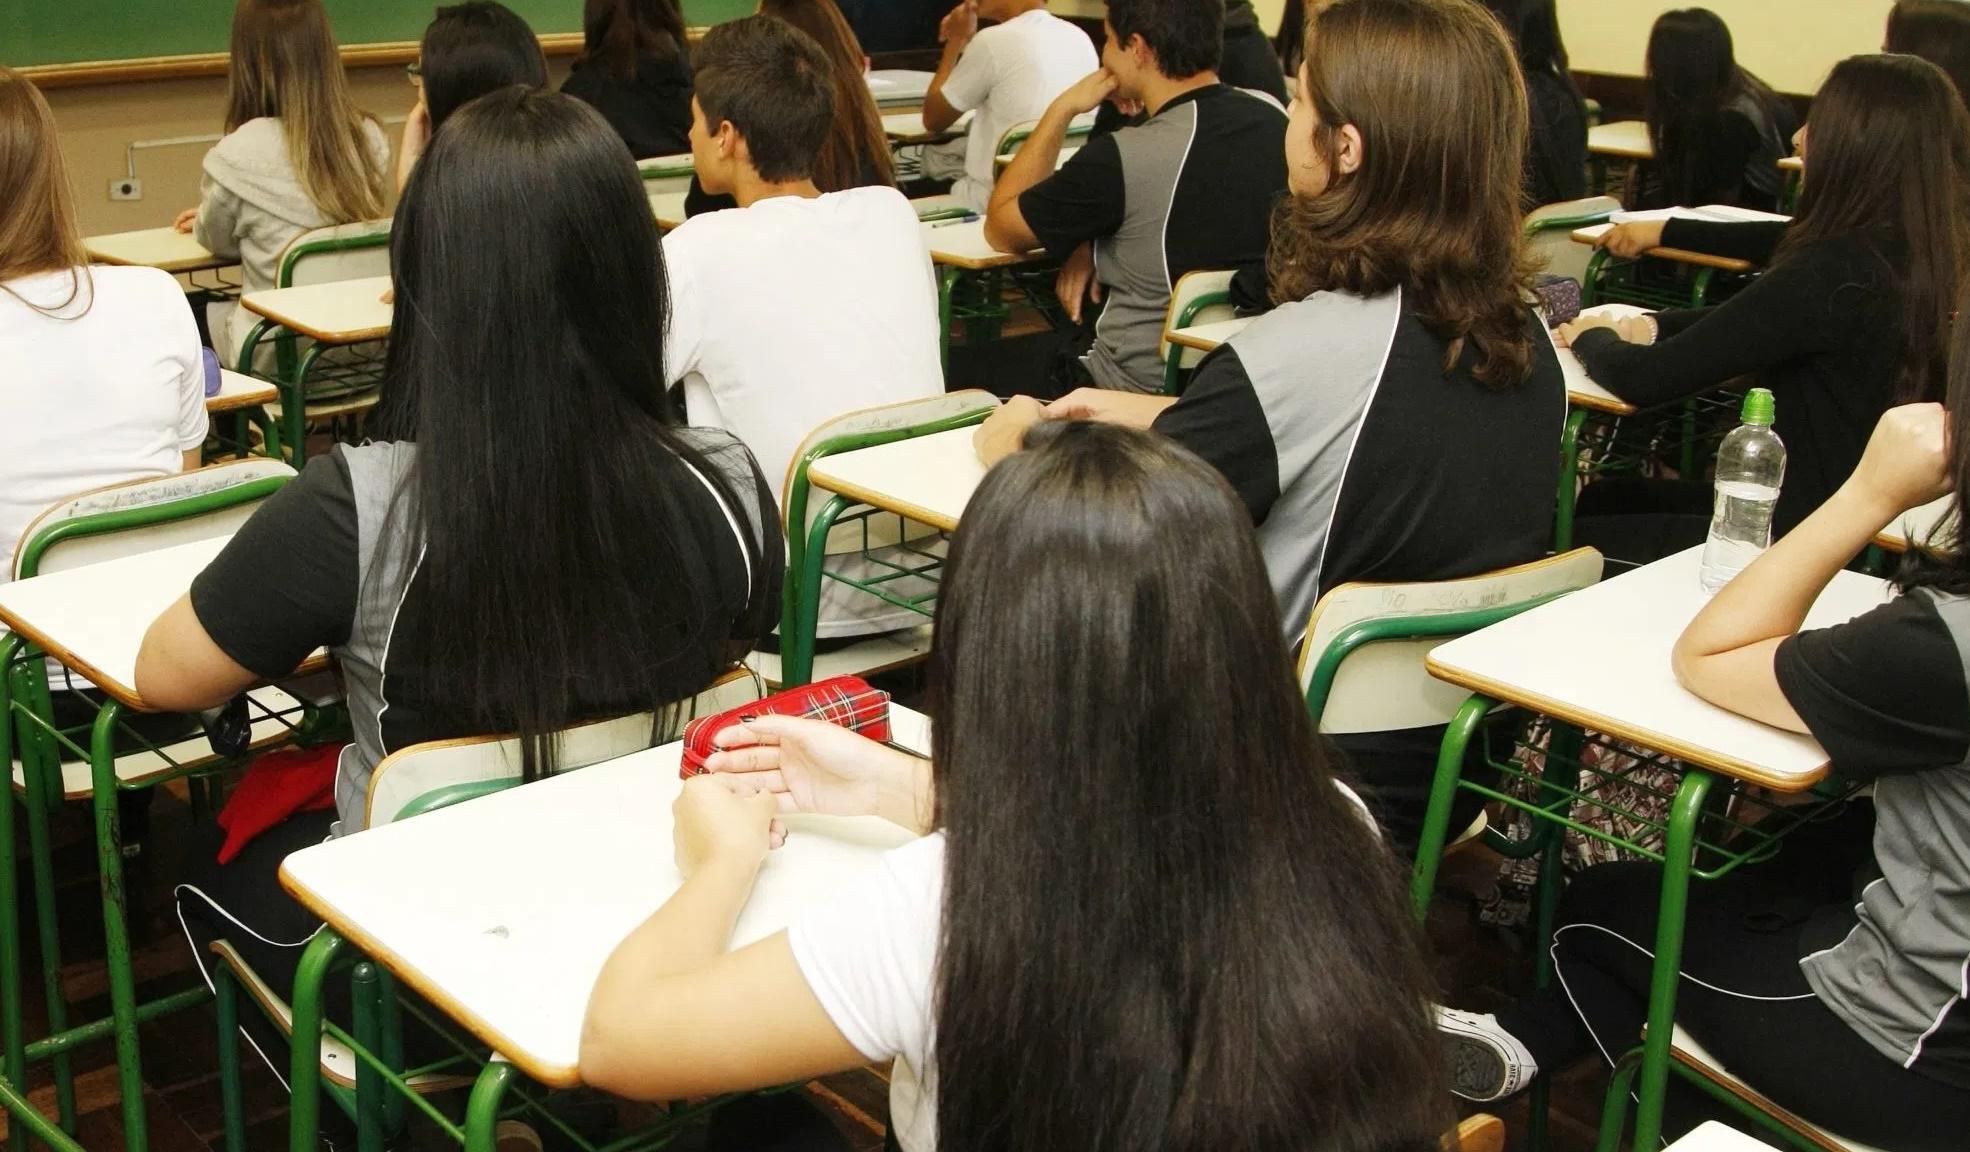 Escolas deverão notificar Conselho Tutelar se alunos faltarem neste início de ano letivo